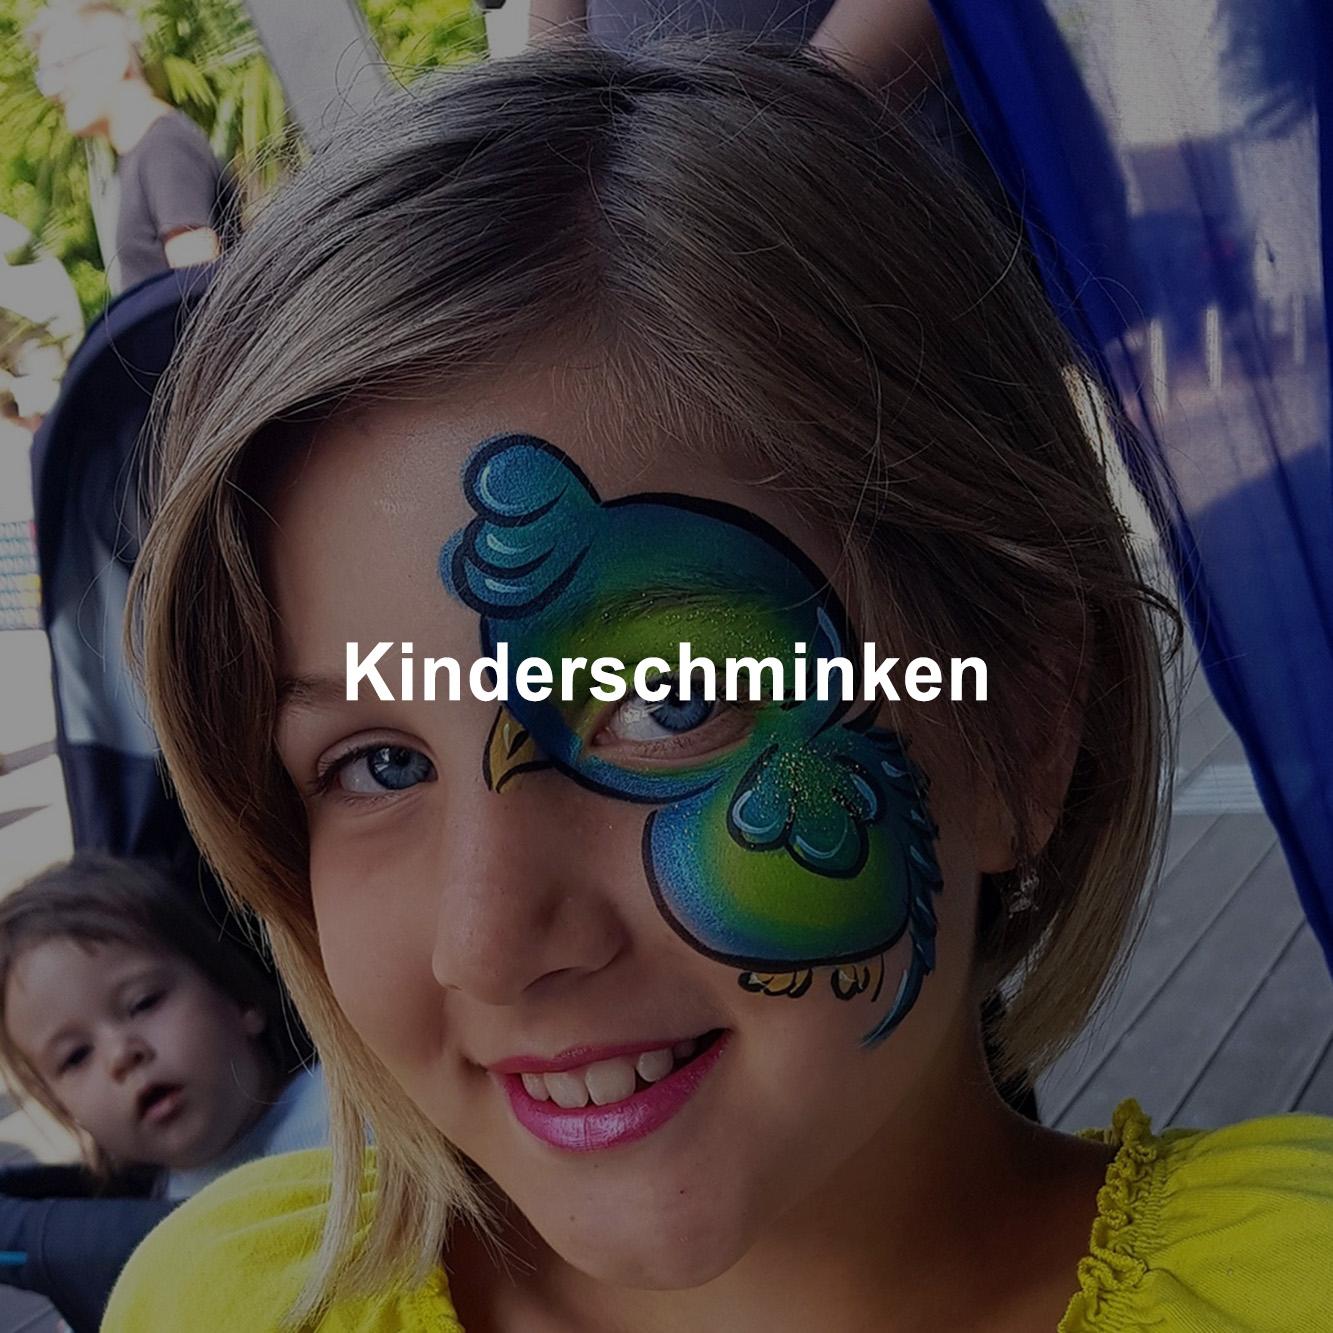 Kinderschminken ist immer ein besonderes Highlight bei jeder Veranstaltung in Wien und ganz Österreich